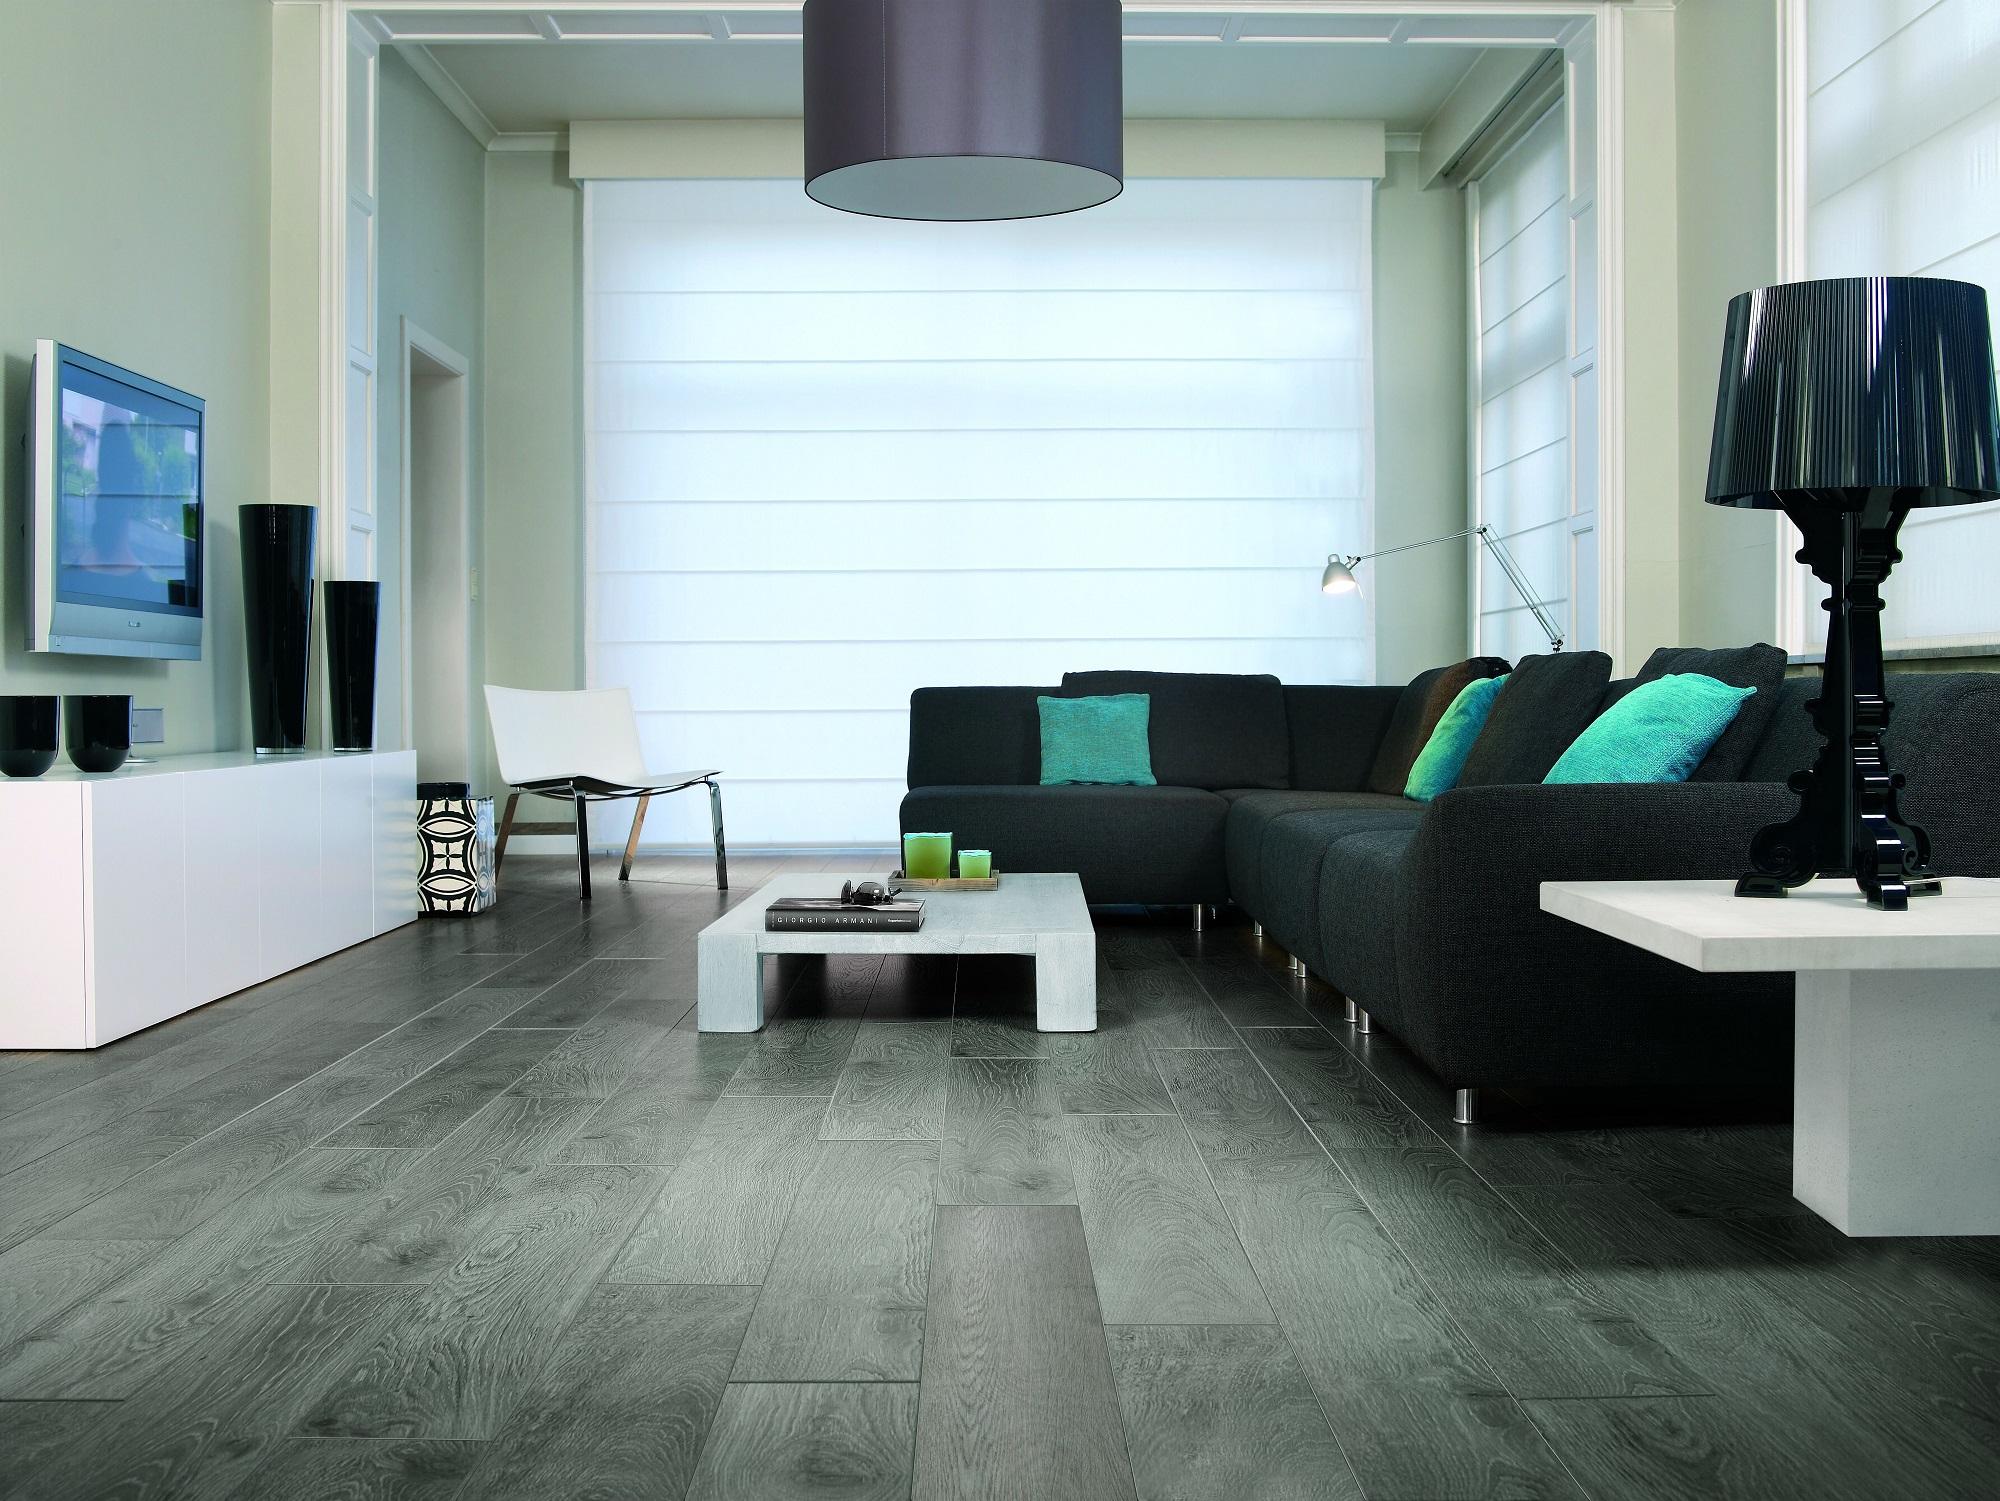 Ламинат в дизайне квартиры